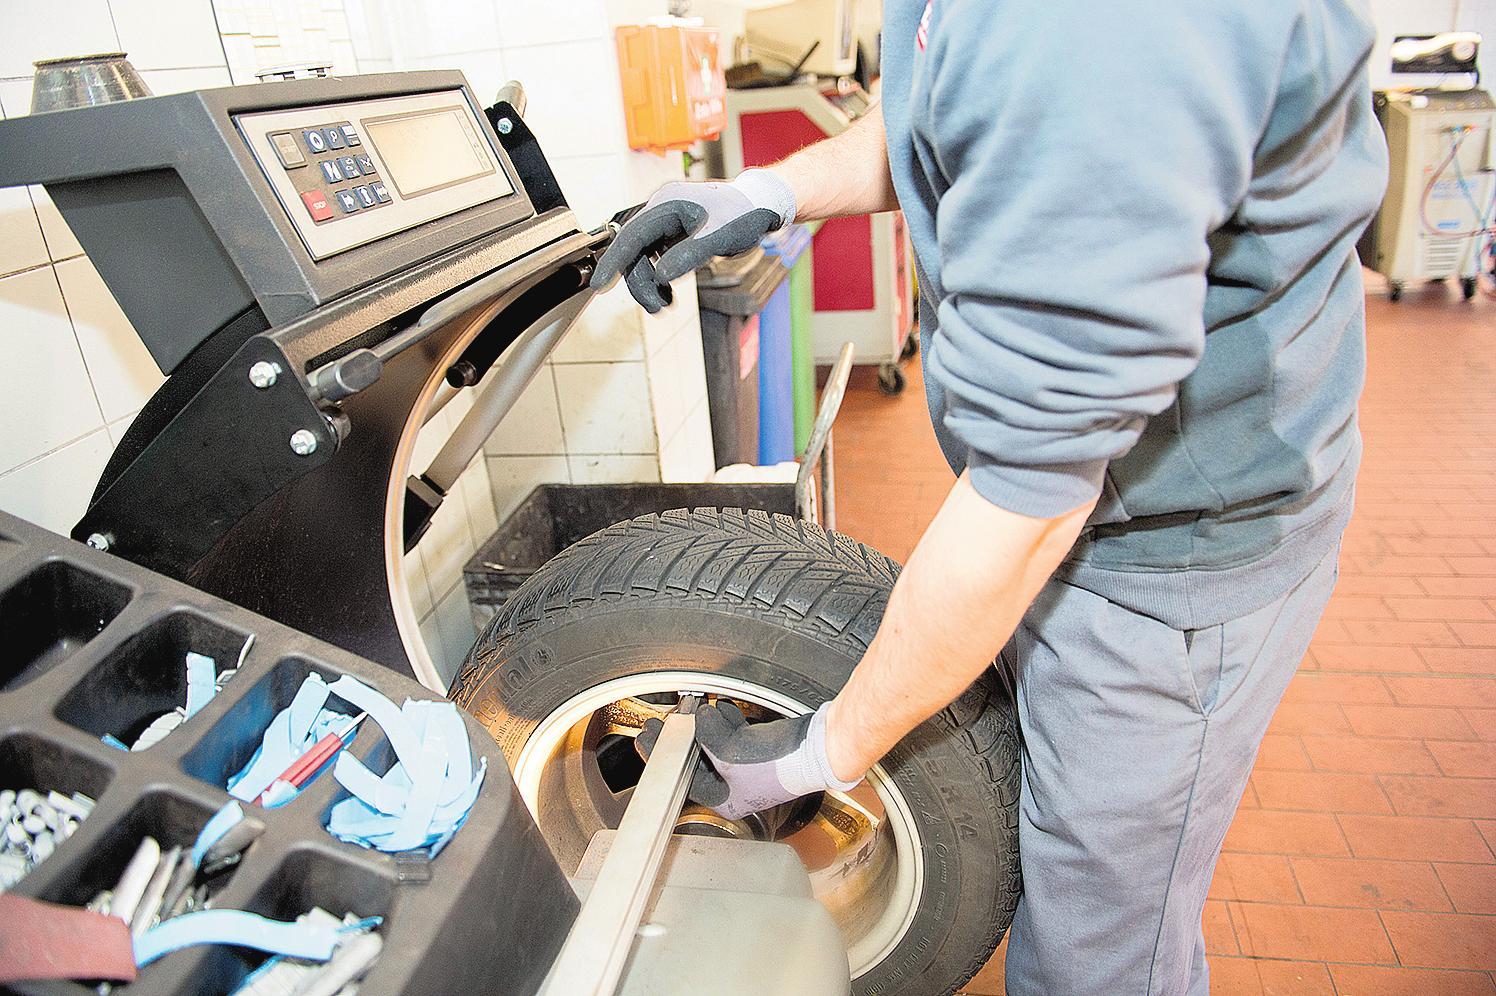 Beim Reifenwechsel ist es wichtig, die Räder vor dem Montieren auswuchten zu lassen. Dafür gibt es in Autowerkstätten spezielle Maschinen. FOTO: DPA